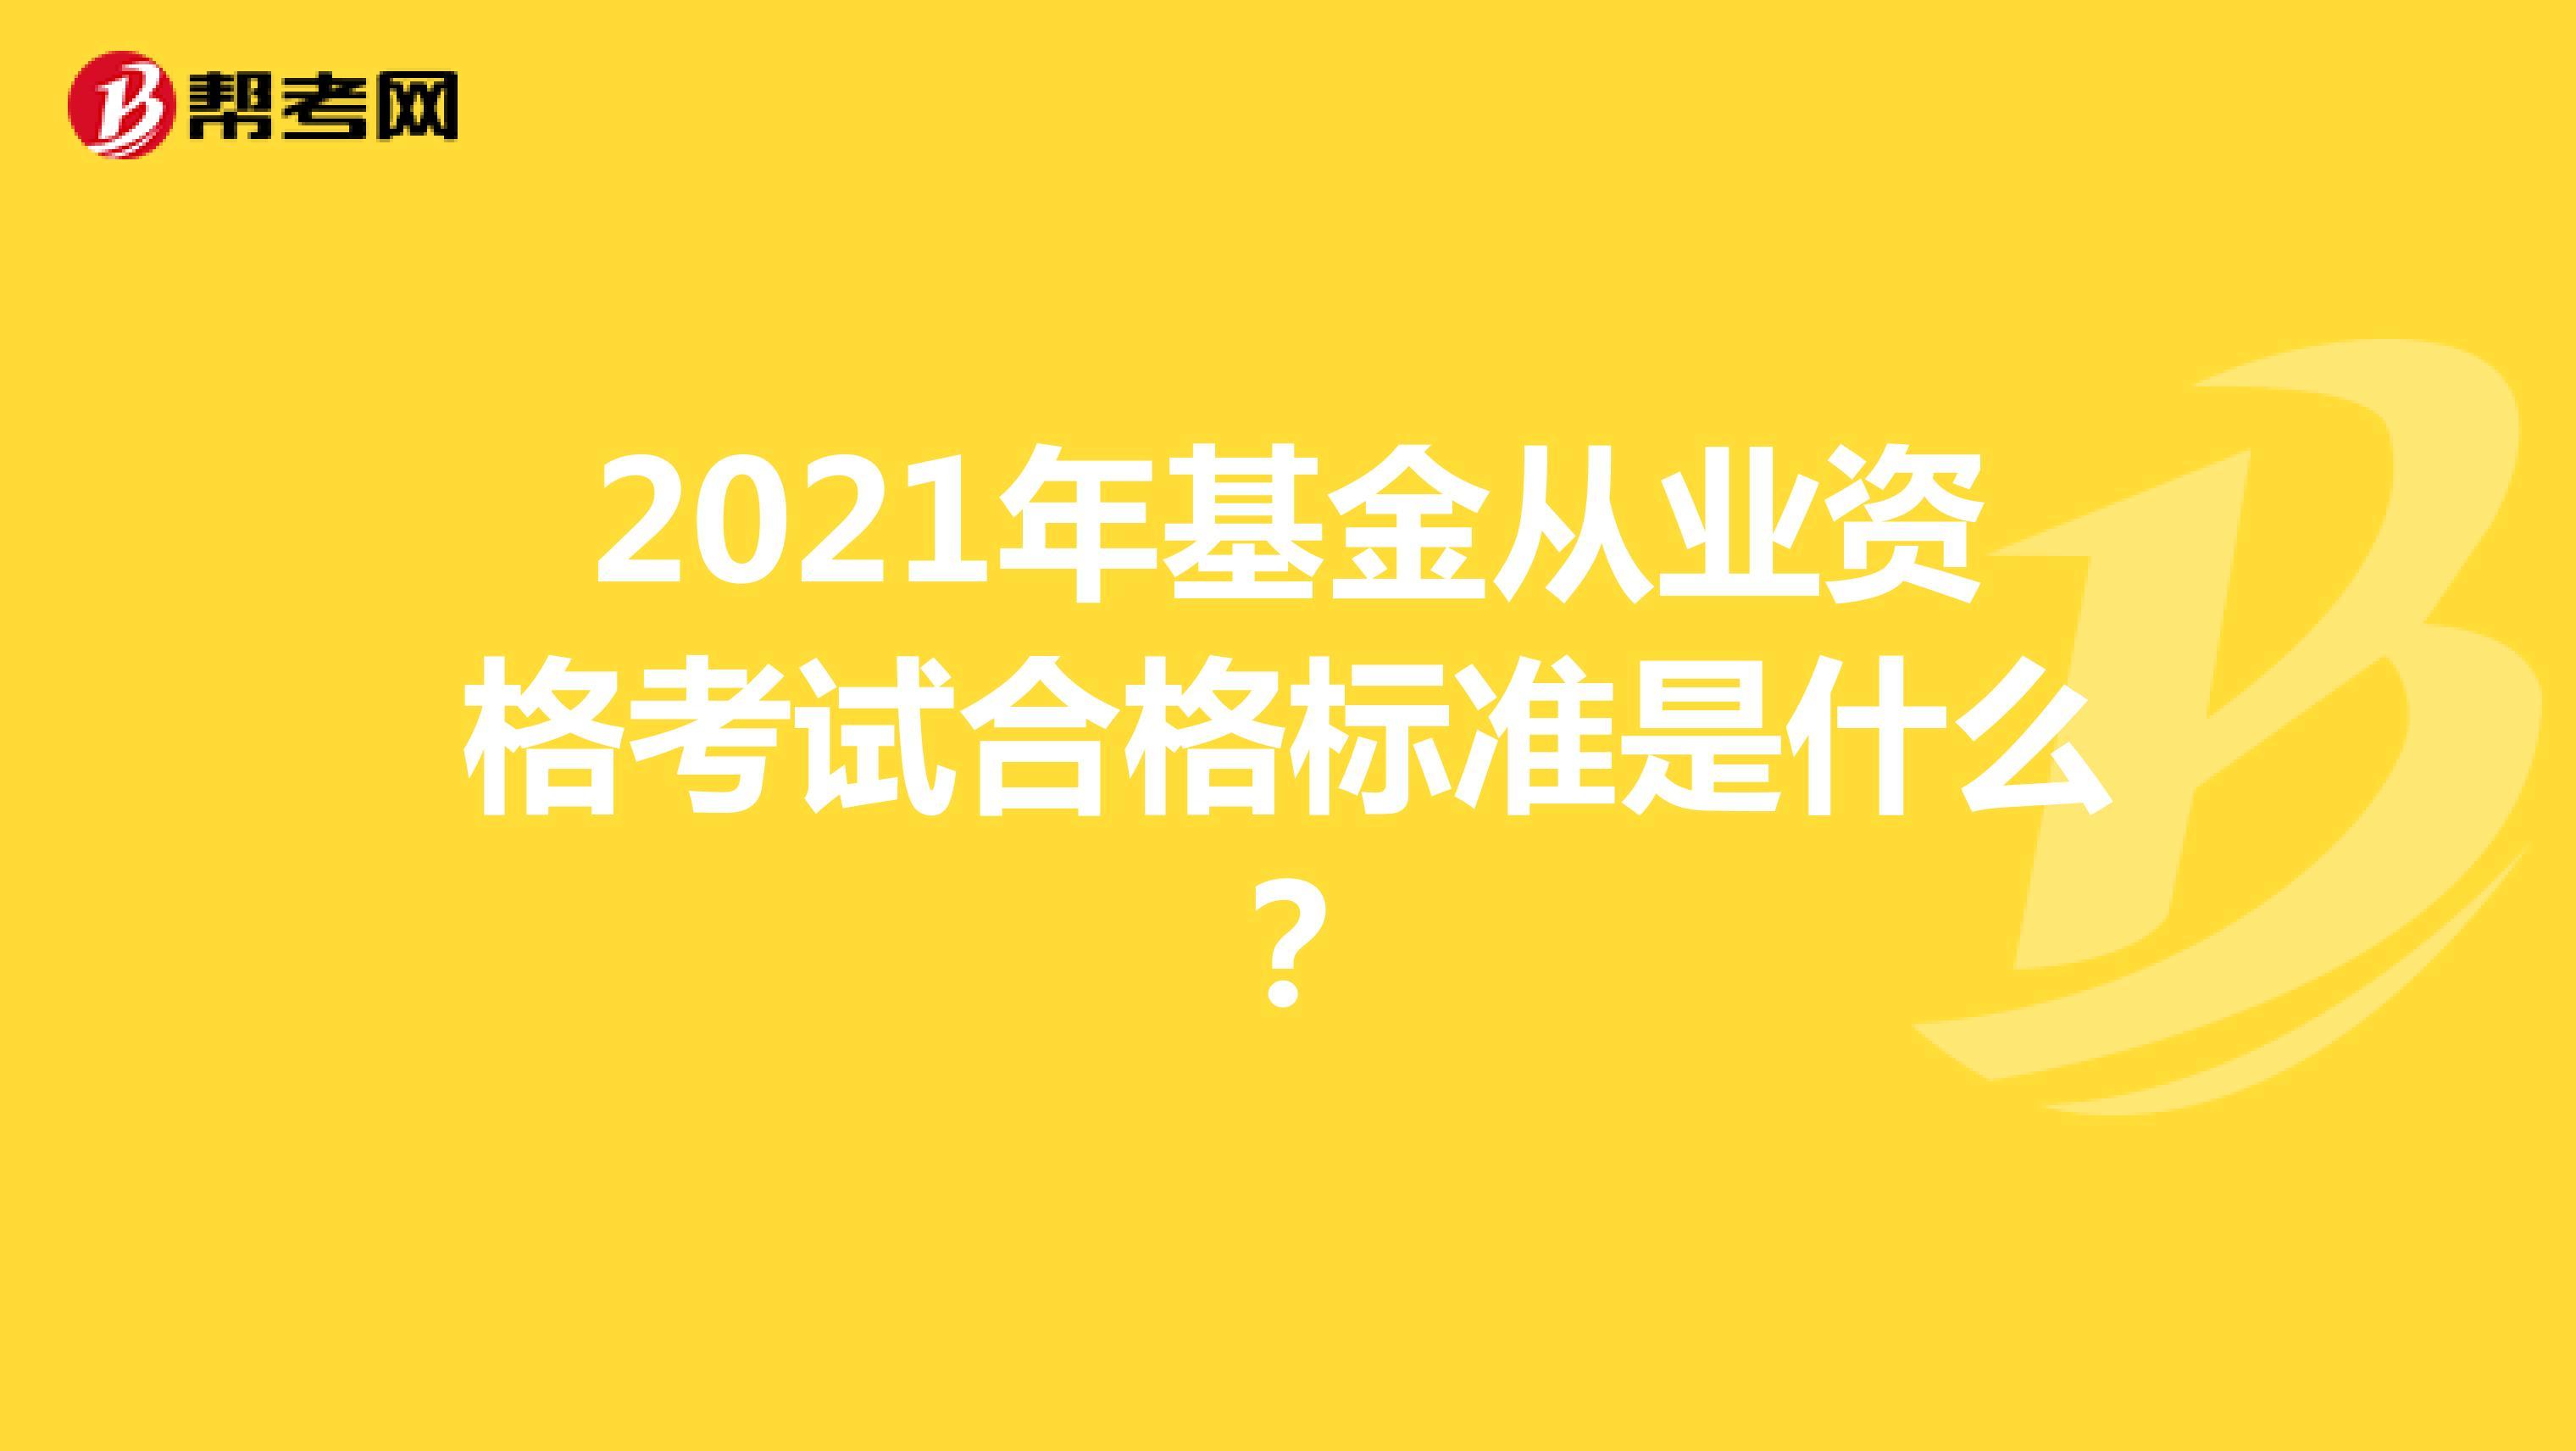 2021年基金从业资格考试合格标准是什么?